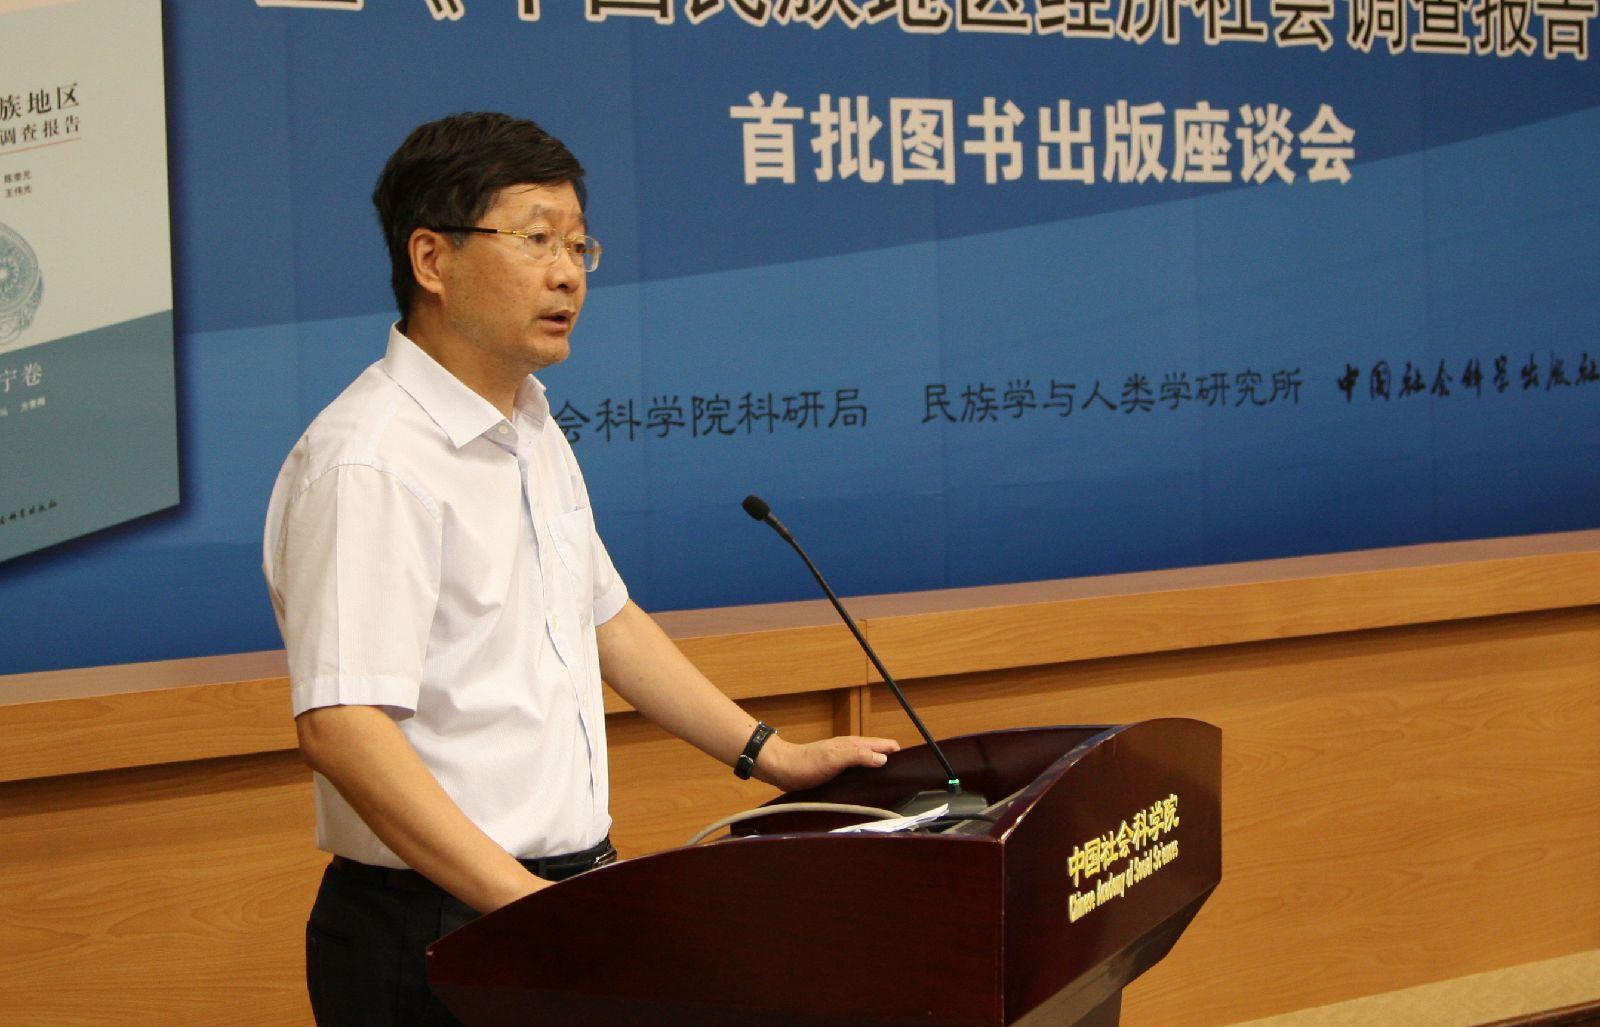 中国社会科学出版社社长兼总编辑赵剑英同志介绍首批图书出版情况